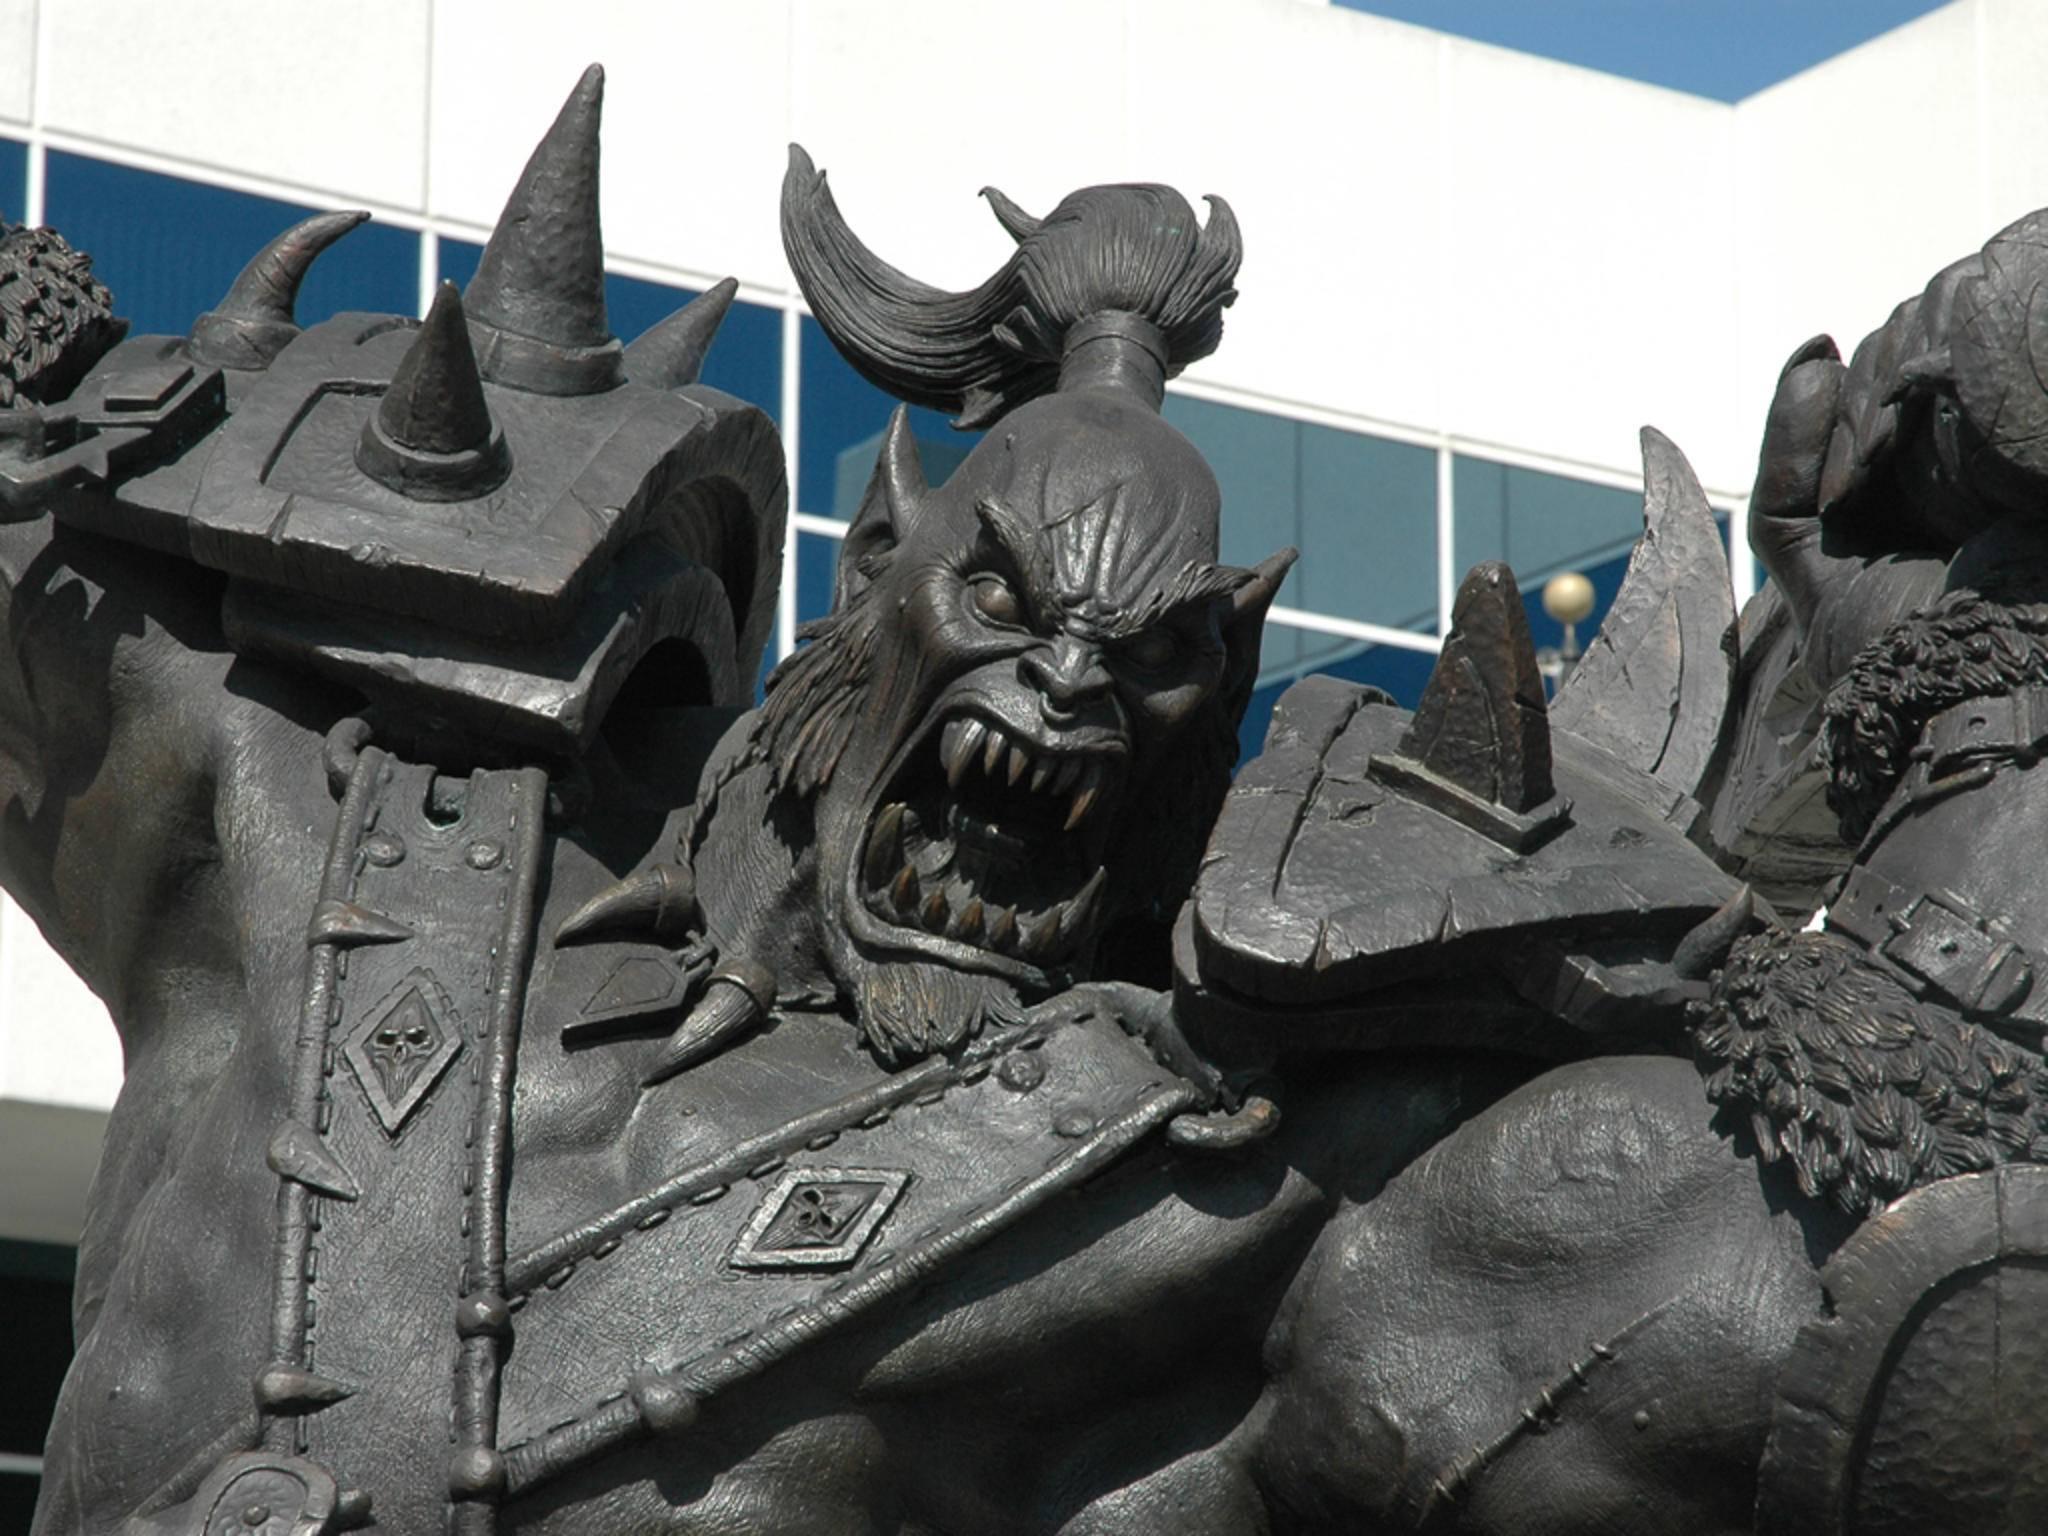 ... und vor der Tür auf dem Vorplatz steht ein großer Ork ...